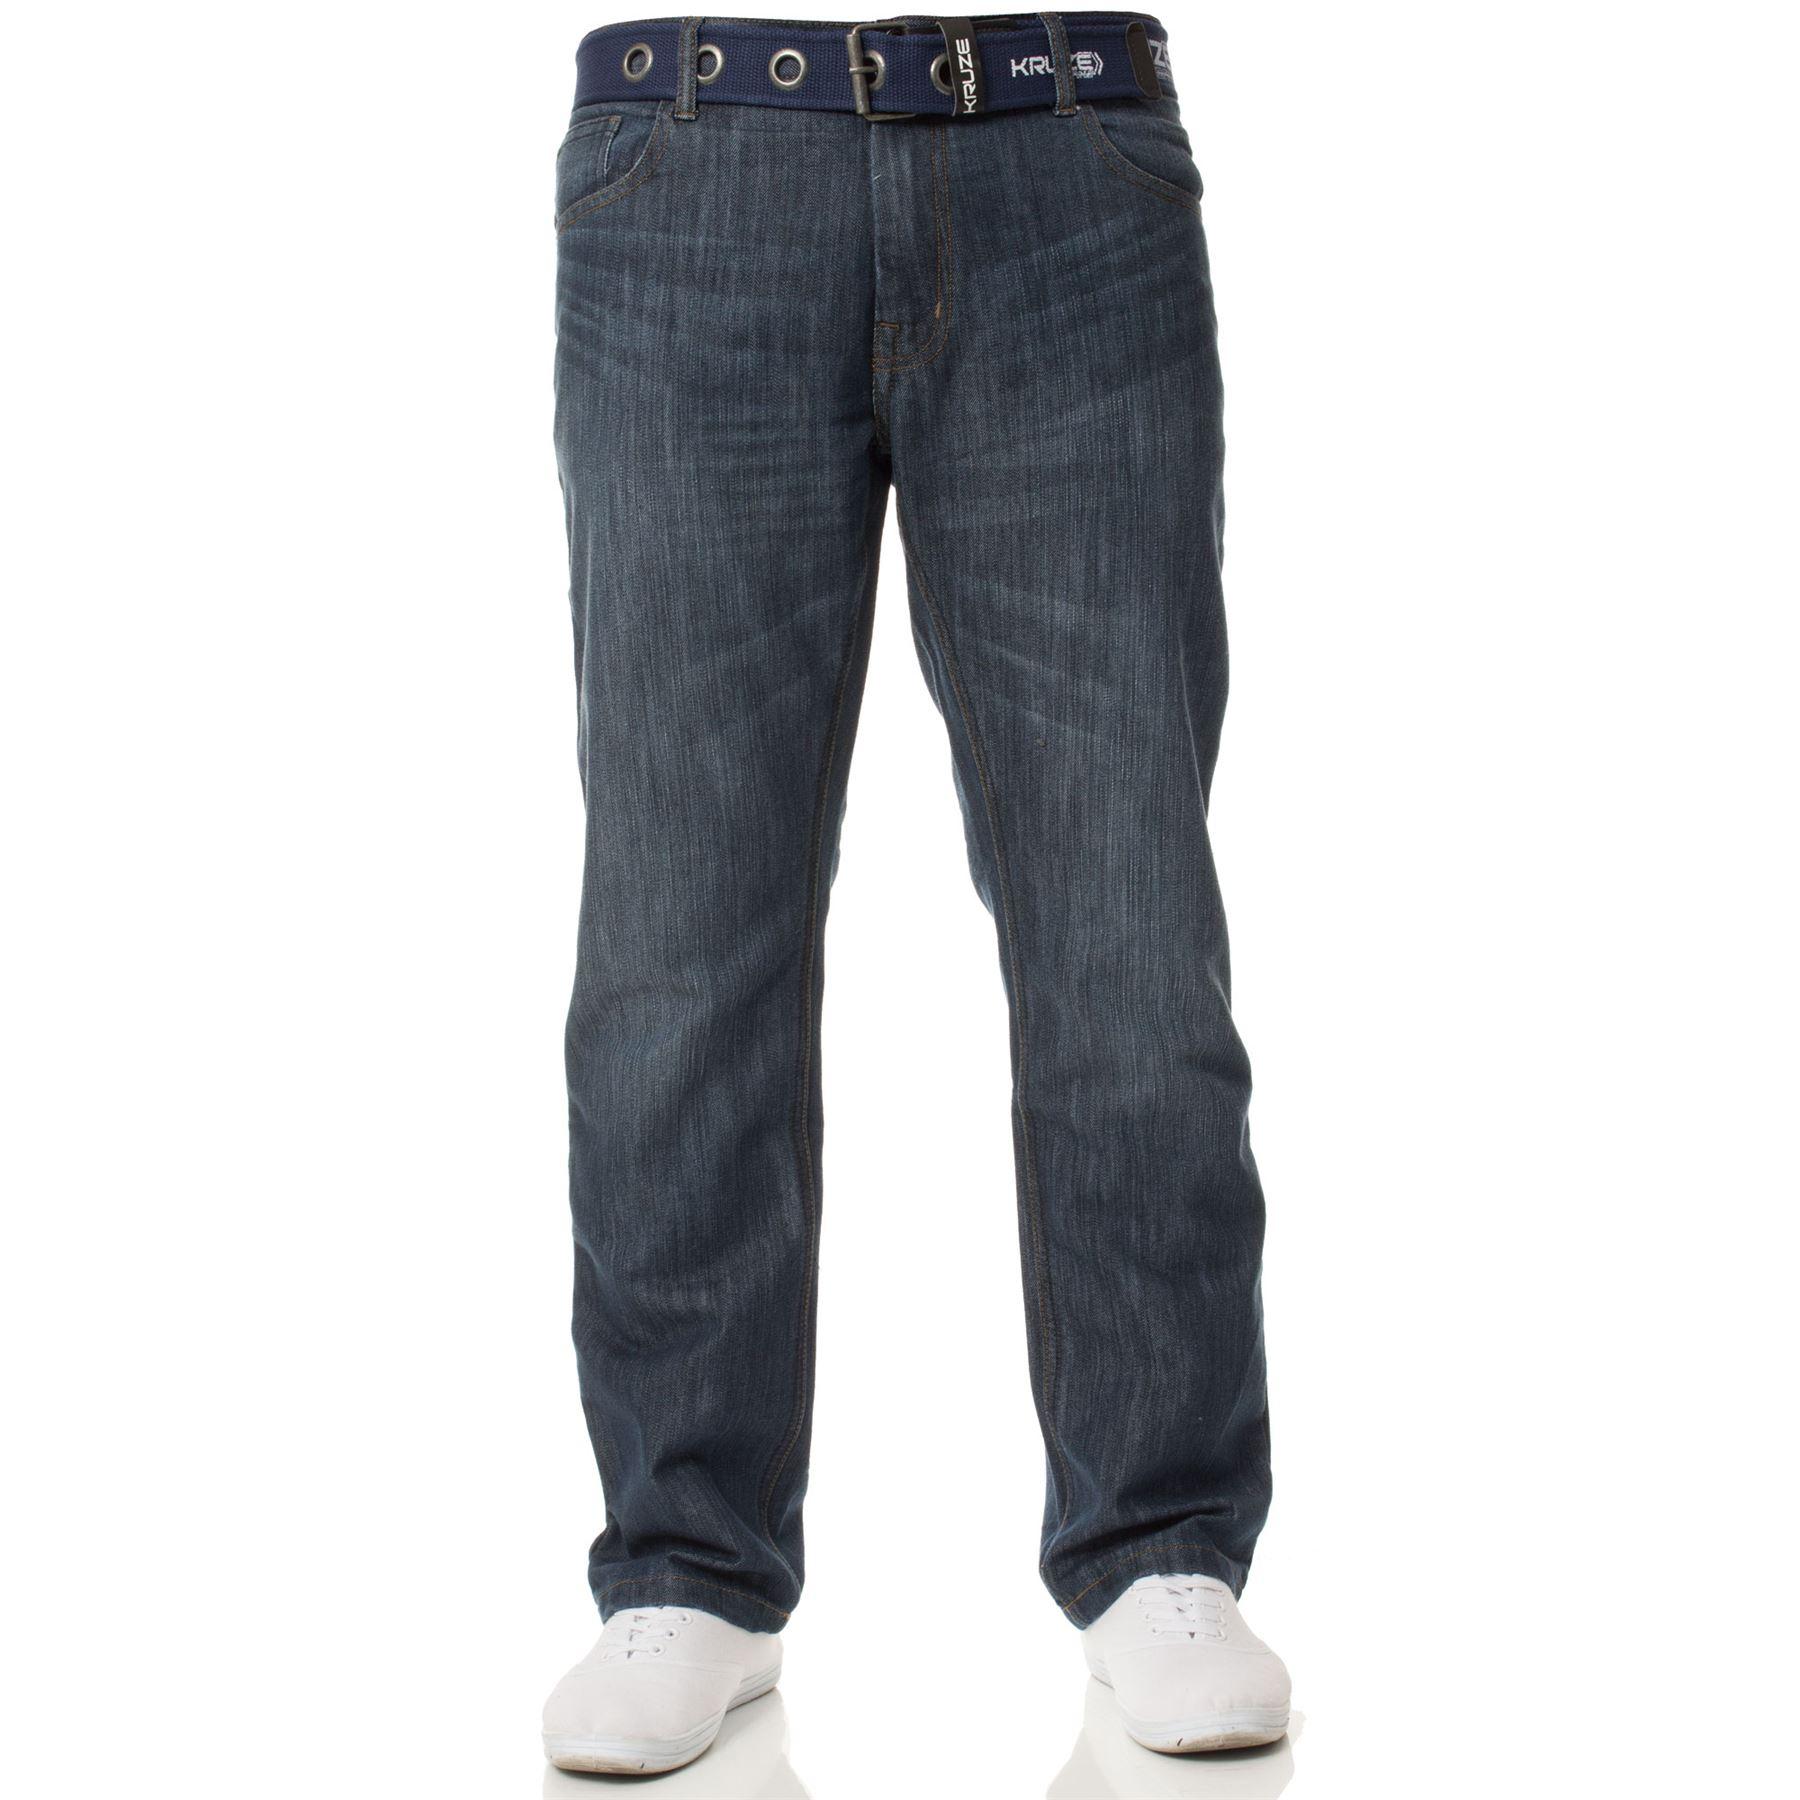 New-Kruze-Mens-Jeans-Straight-Leg-Denim-Pants-All-Waist-Legs-Big-Tall-King-Sizes